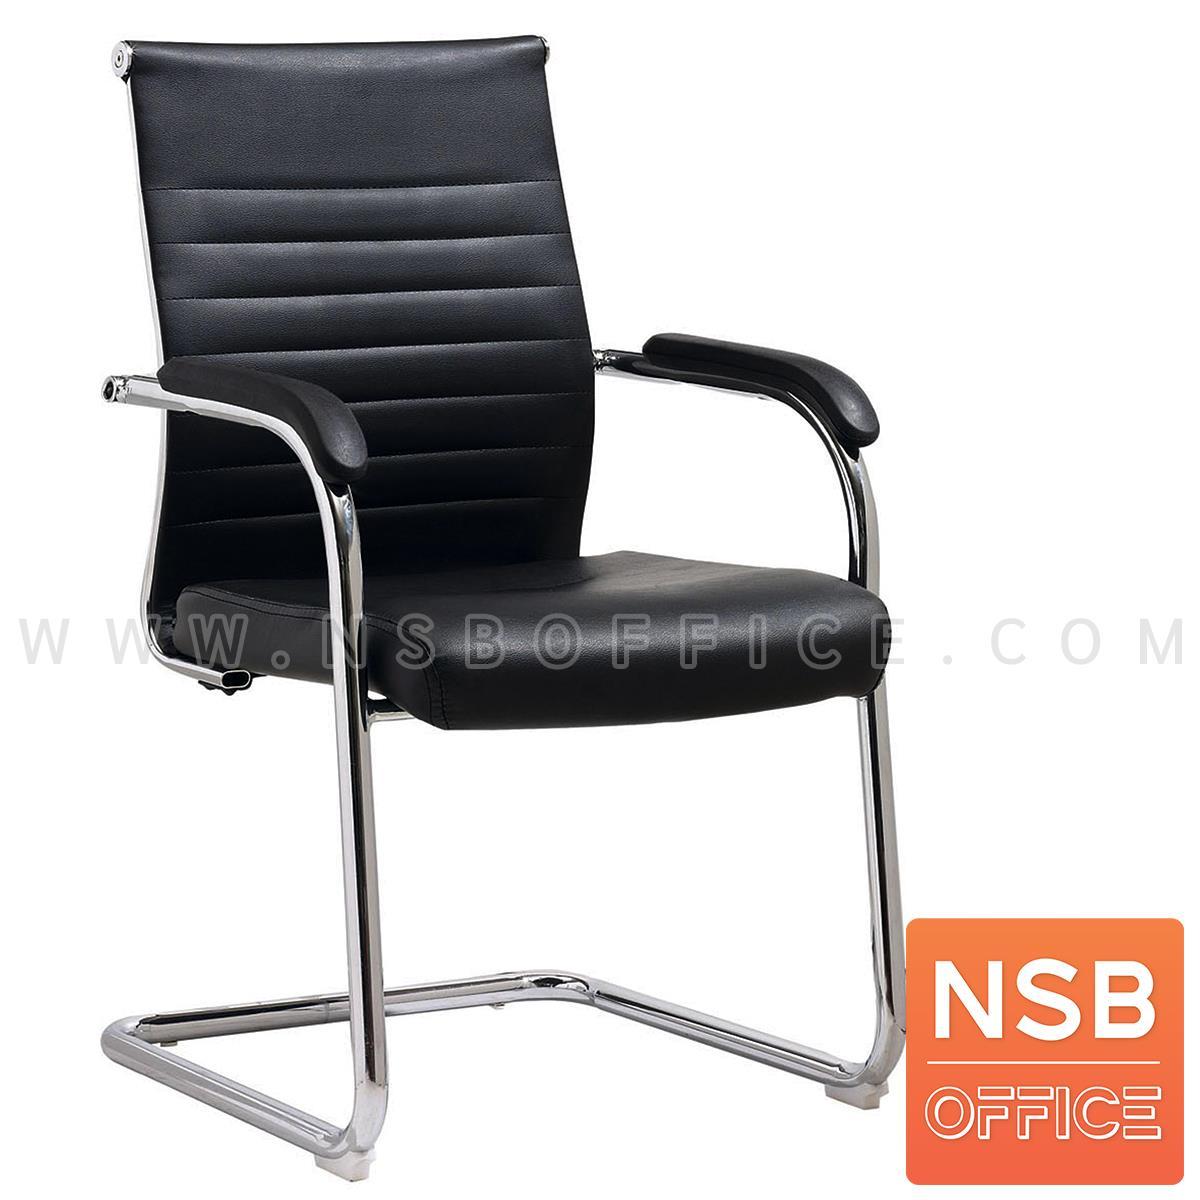 B04A191:เก้าอี้รับแขกขาตัวซี รุ่น Alema (อารีมา) ขาเหล็กชุบโครเมี่ยม